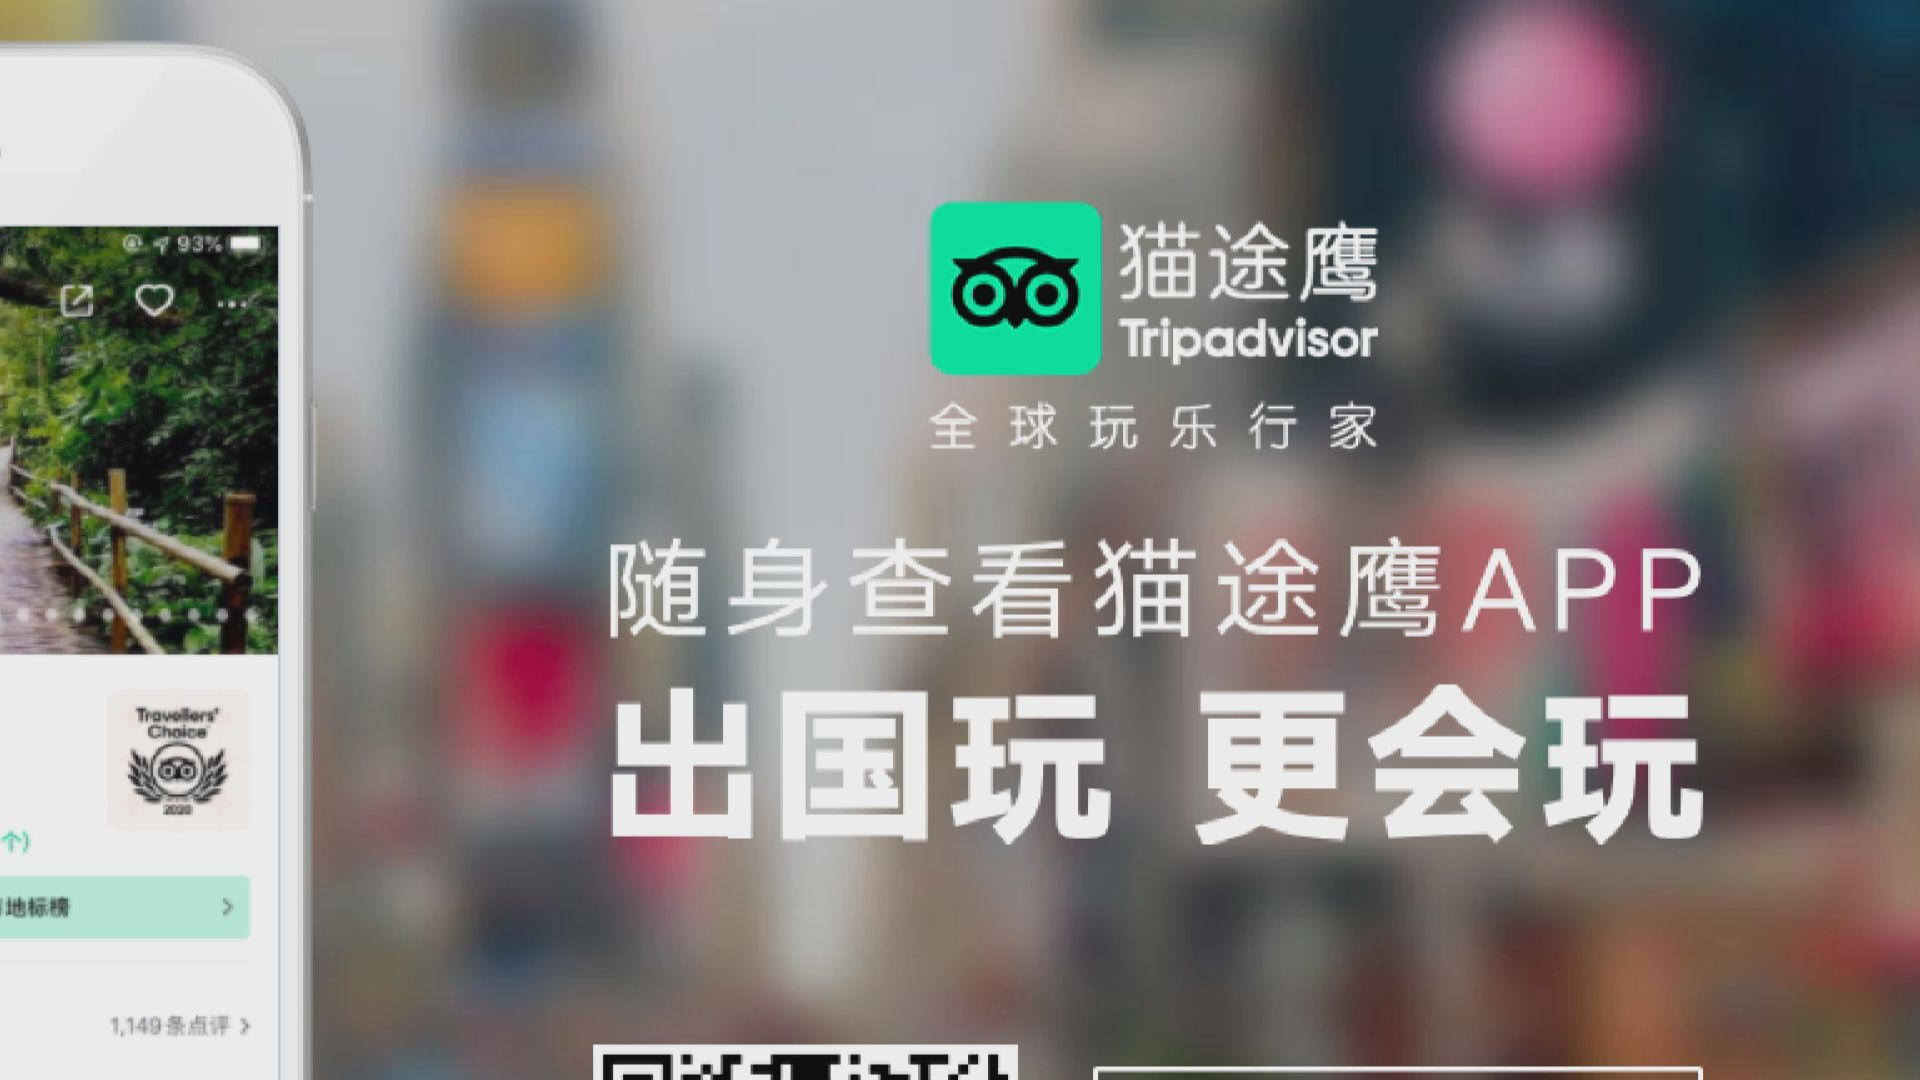 內地網信辦下架Tripadvisor等逾百手機程式